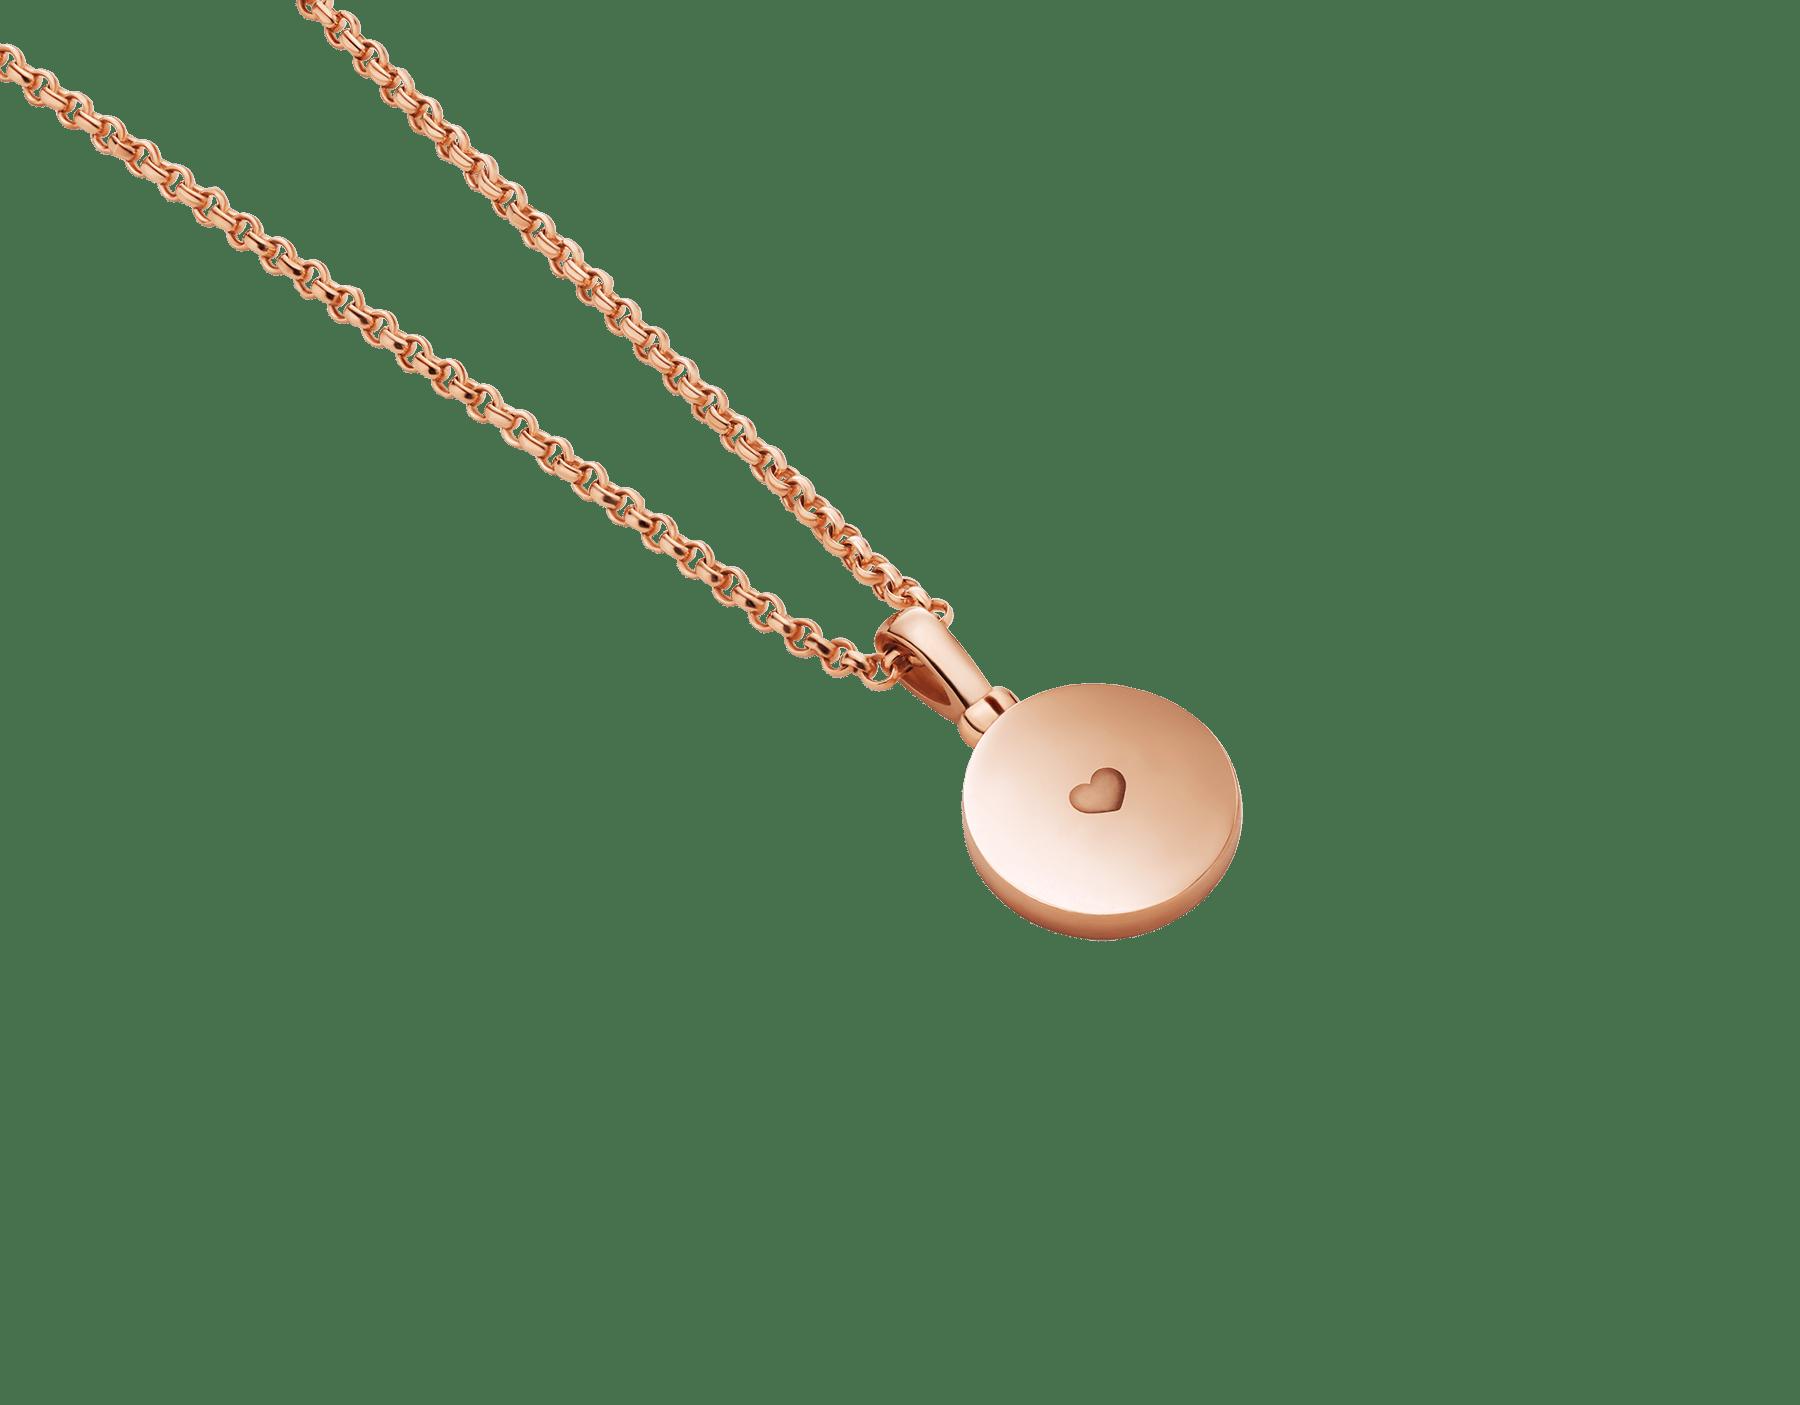 Collar con colgante BVLGARI BVLGARI en oro rosa de 18qt con inserción de madreperla y personalizable con grabado en el reverso 358376 image 4